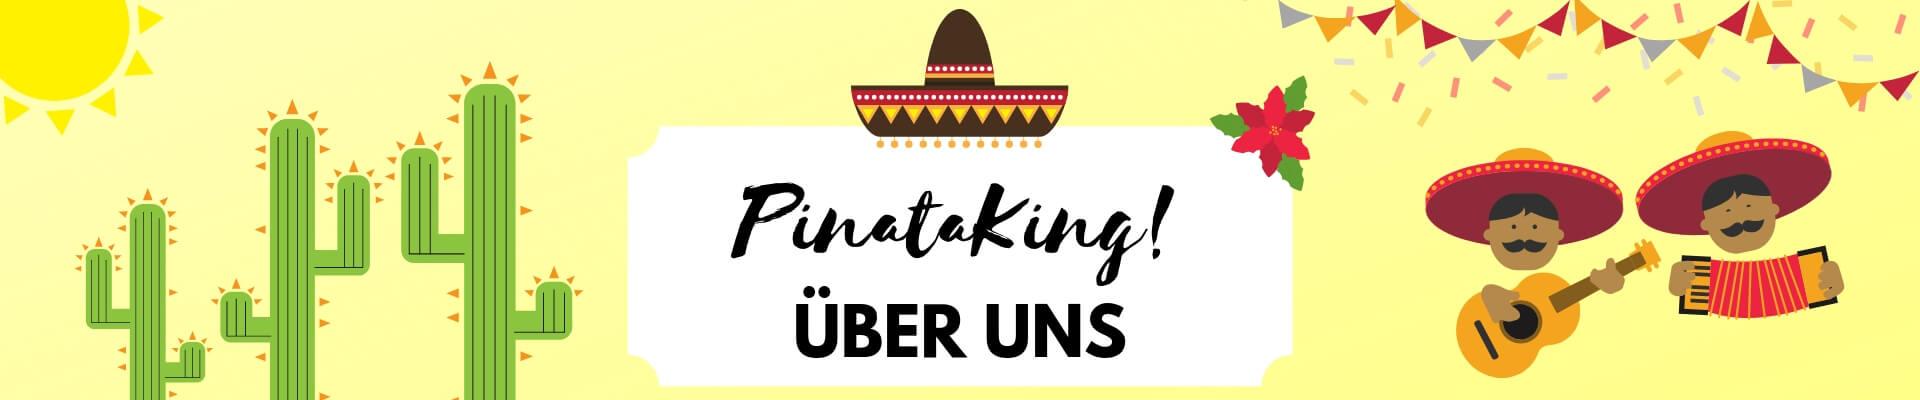 Über PinataKing.de